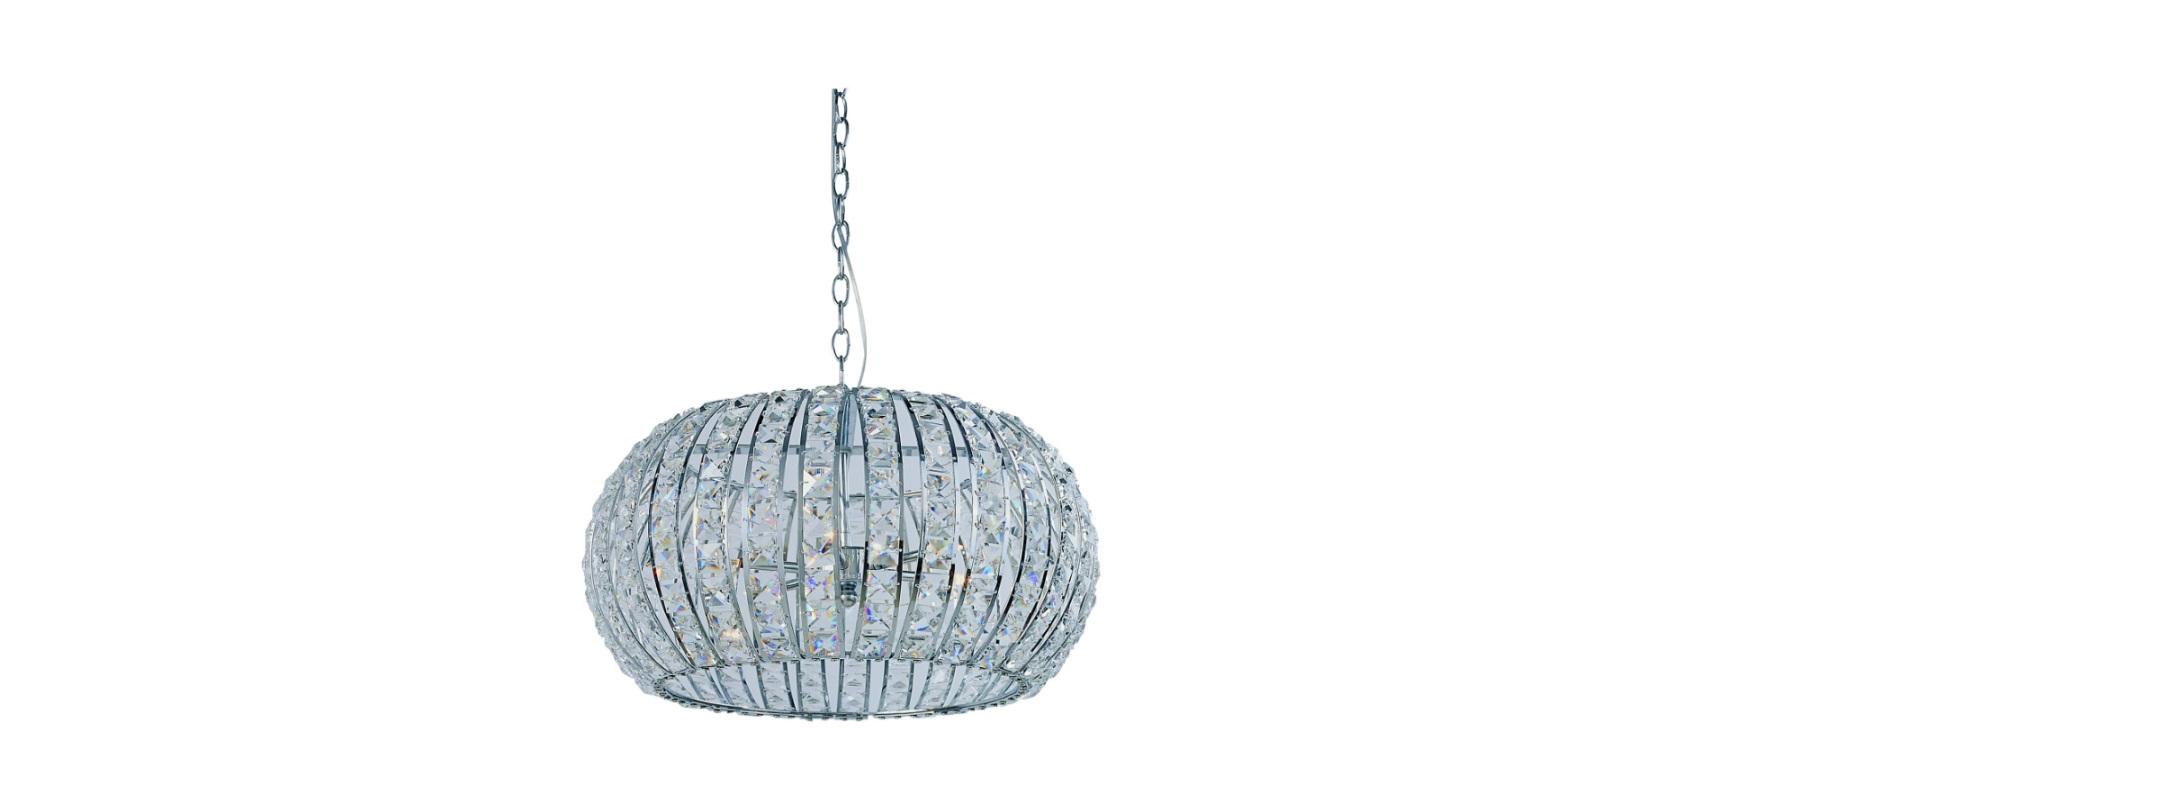 Подвесной светильник ElbaПодвесные светильники<br>Люстра Elba очаровывает своим роскошным внешним видом. С ней в помещении становится невероятно комфортно и гламурно. Она будет великолепно выглядеть в интерьерах классической и современной стилистики.&amp;lt;div&amp;gt;&amp;lt;br&amp;gt;&amp;lt;/div&amp;gt;&amp;lt;div&amp;gt;&amp;lt;span style=&amp;quot;line-height: 1.78571;&amp;quot;&amp;gt;Материал: Металл+Кристаллы.&amp;amp;nbsp;&amp;lt;/span&amp;gt;&amp;lt;/div&amp;gt;&amp;lt;div&amp;gt;&amp;lt;span style=&amp;quot;line-height: 1.78571;&amp;quot;&amp;gt;Цвет: Хром.&amp;lt;/span&amp;gt;&amp;lt;br&amp;gt;&amp;lt;/div&amp;gt;&amp;lt;div&amp;gt;&amp;lt;div&amp;gt;&amp;lt;span style=&amp;quot;line-height: 1.78571;&amp;quot;&amp;gt;&amp;lt;br&amp;gt;&amp;lt;/span&amp;gt;&amp;lt;/div&amp;gt;&amp;lt;div&amp;gt;&amp;lt;span style=&amp;quot;line-height: 1.78571;&amp;quot;&amp;gt;Тип цоколя: G9.&amp;lt;br&amp;gt;&amp;lt;/span&amp;gt;&amp;lt;/div&amp;gt;&amp;lt;div&amp;gt;Количество ламп: 6.&amp;lt;/div&amp;gt;&amp;lt;/div&amp;gt;&amp;lt;div&amp;gt;&amp;lt;div&amp;gt;&amp;lt;span style=&amp;quot;line-height: 1.78571;&amp;quot;&amp;gt;Мощность: 40W.&amp;amp;nbsp;(нет в комплекте)&amp;lt;/span&amp;gt;&amp;lt;br&amp;gt;&amp;lt;/div&amp;gt;&amp;lt;/div&amp;gt;<br><br>Material: Металл<br>Height см: 47<br>Diameter см: 42